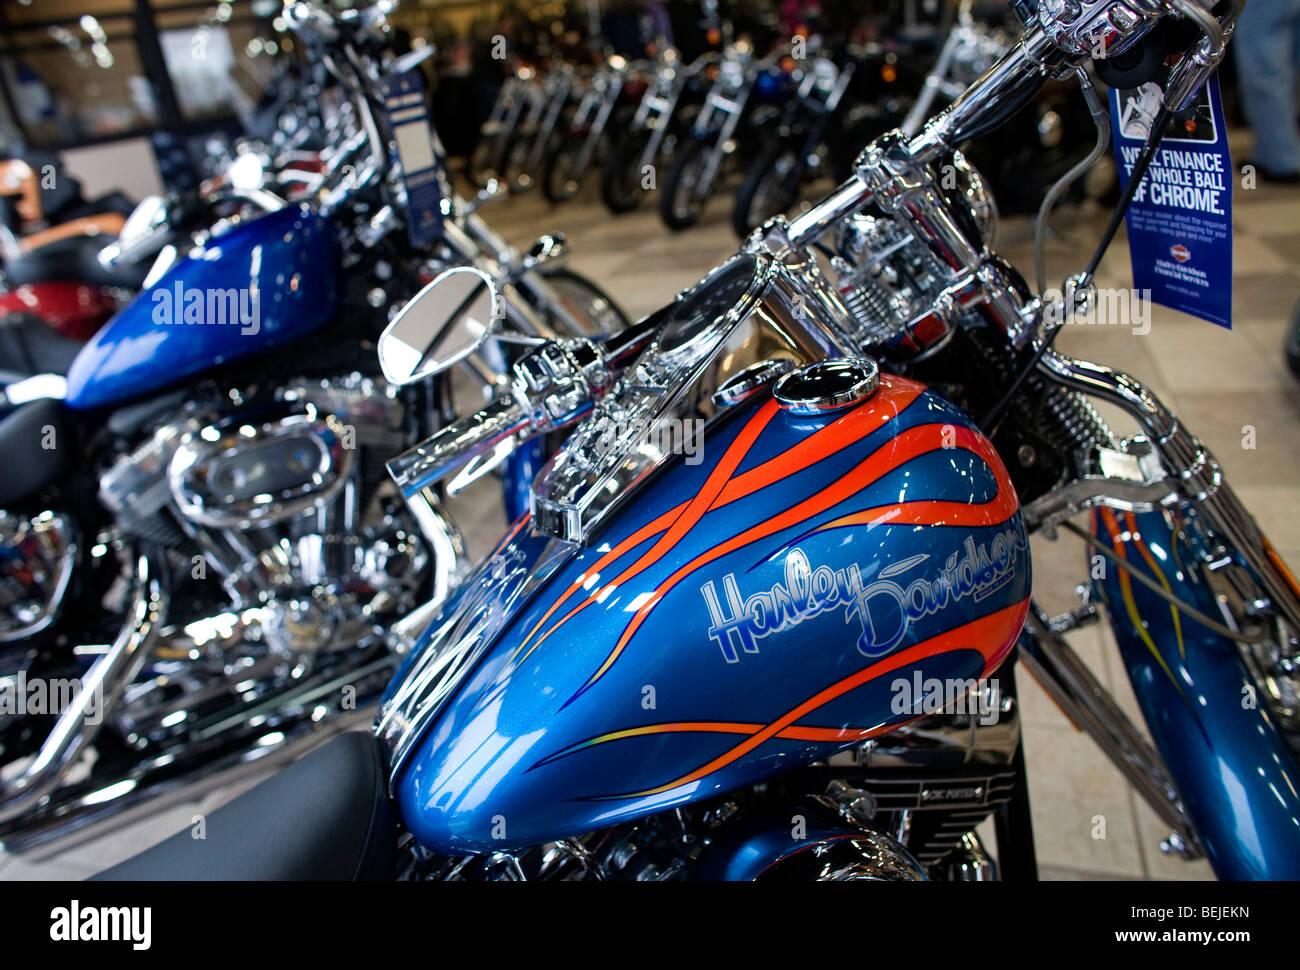 harley-davidson motorcycles on display at a suburban maryland